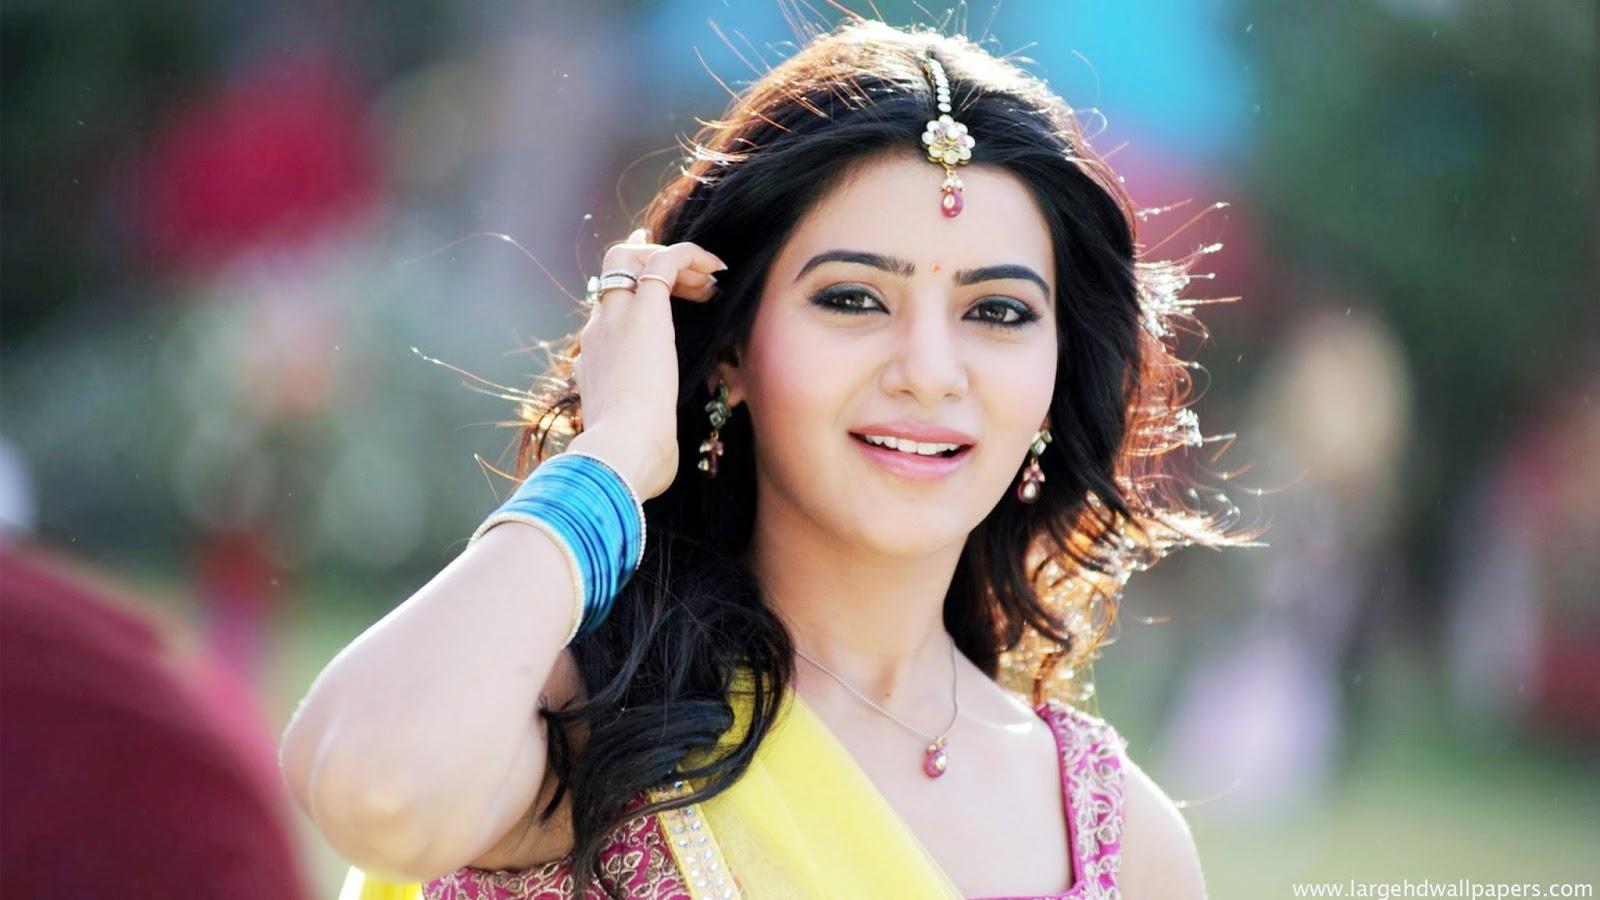 samantha new photo 2017   Bollywood Photos and Latest News 1600x900